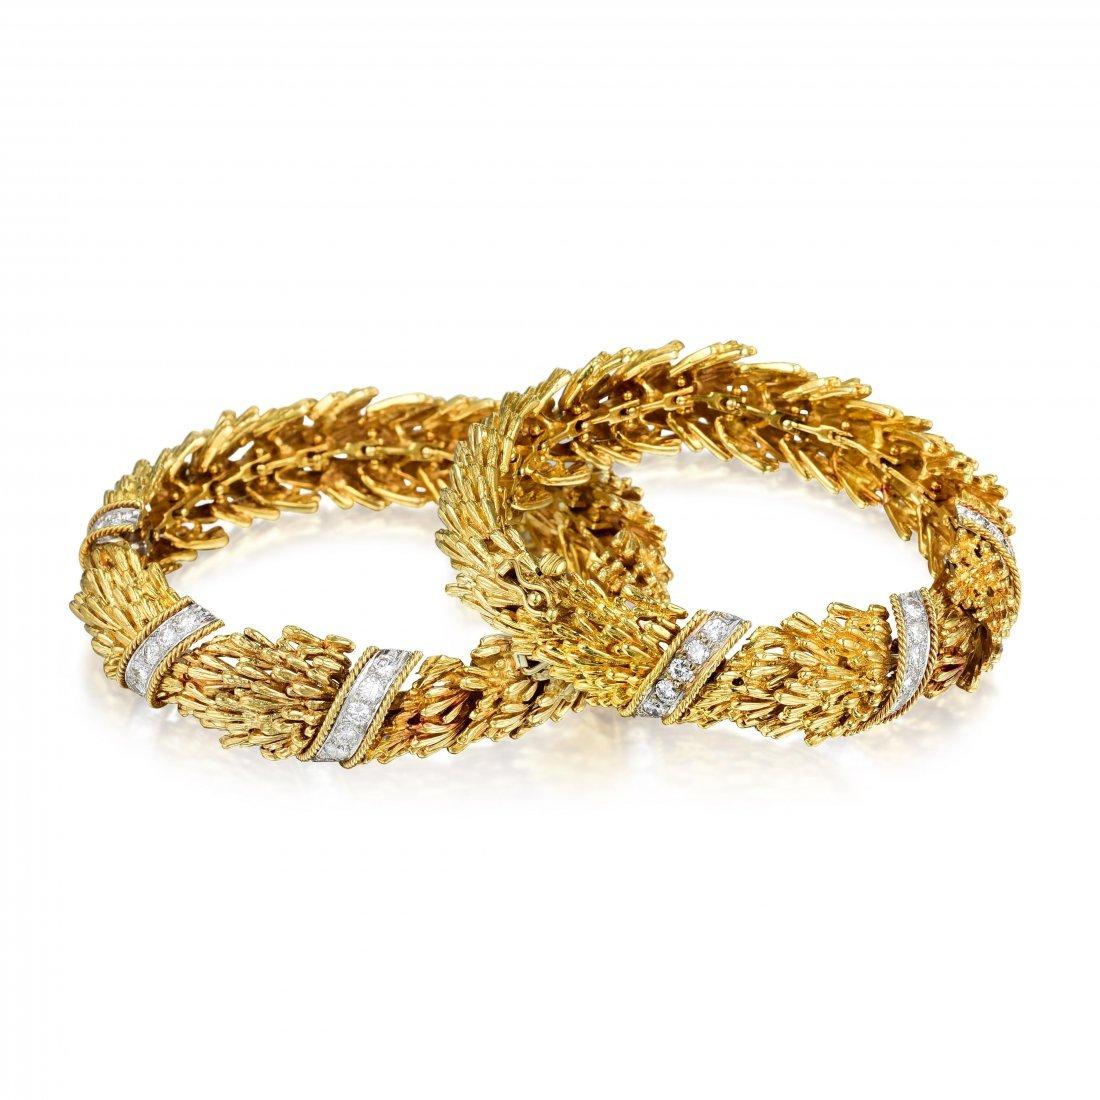 David Webb Gold Diamond Convertible Bracelets/Necklace